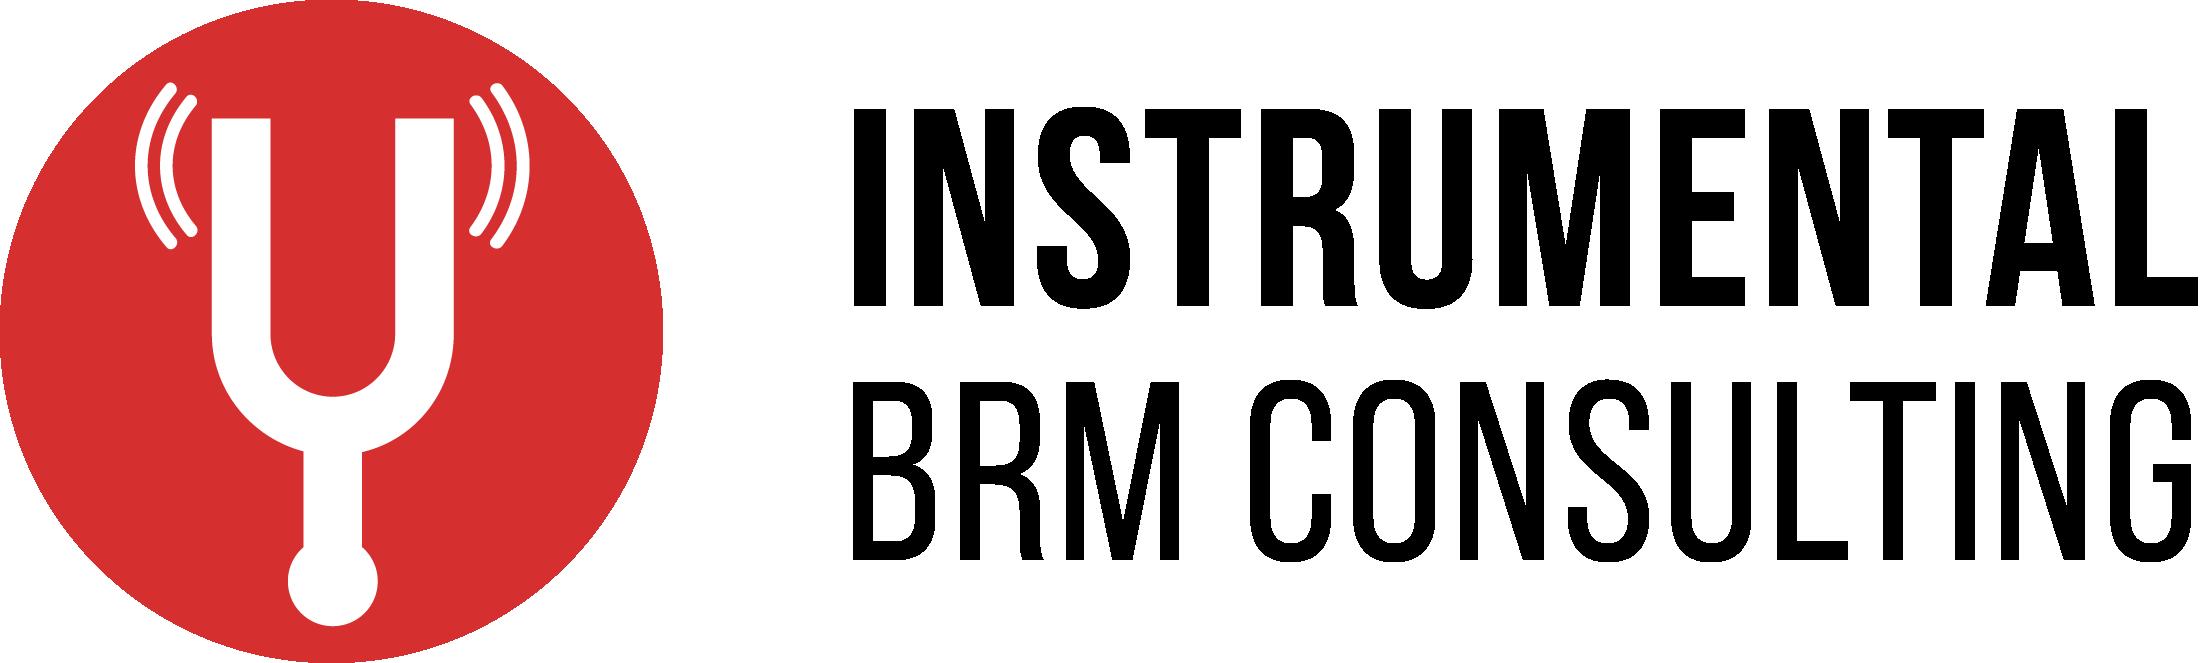 IBRM_logo-final-NoTagline